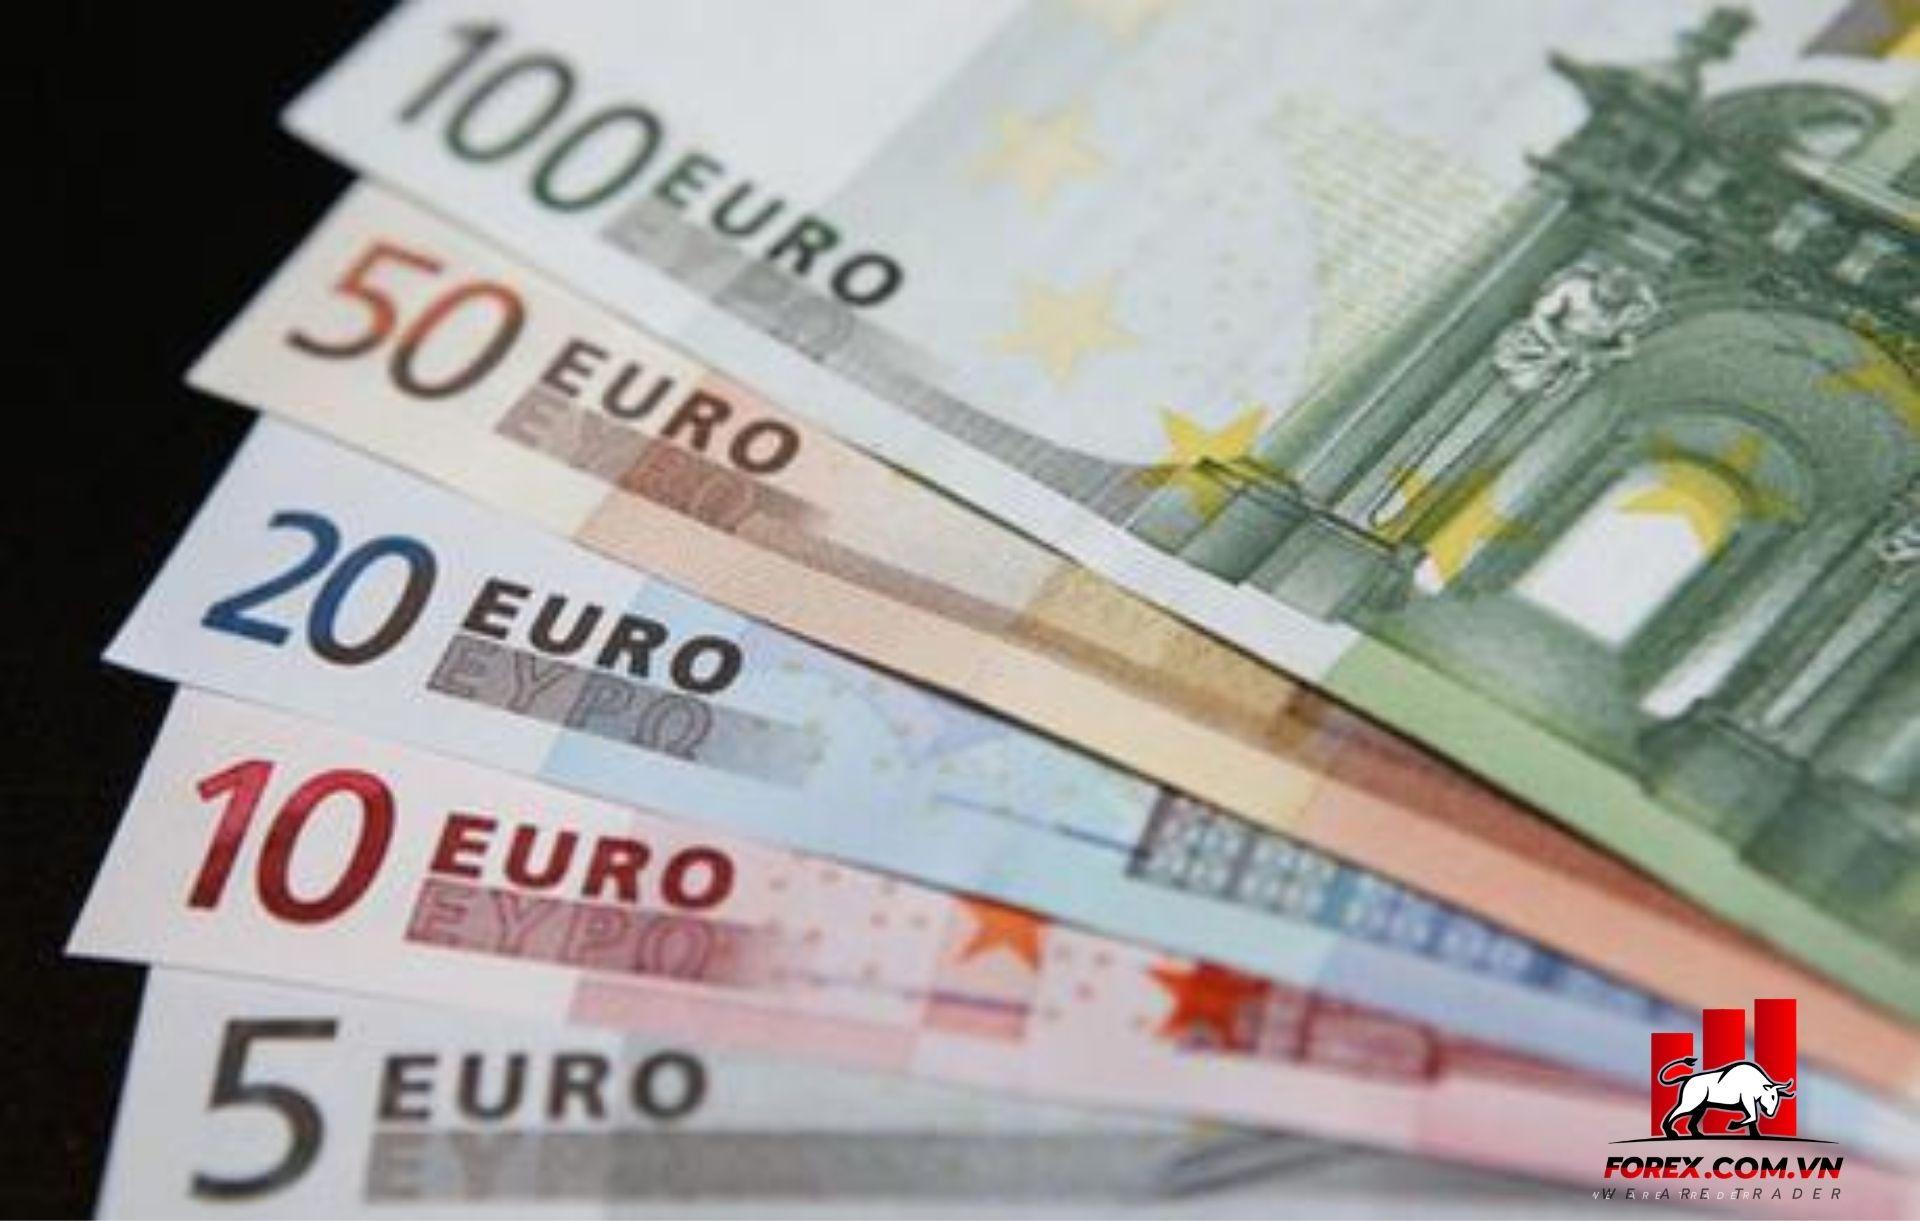 Thị trường tiền tệ thế giới 23/11: Đồng euro đang dao động ở mức 1,1858 đô la